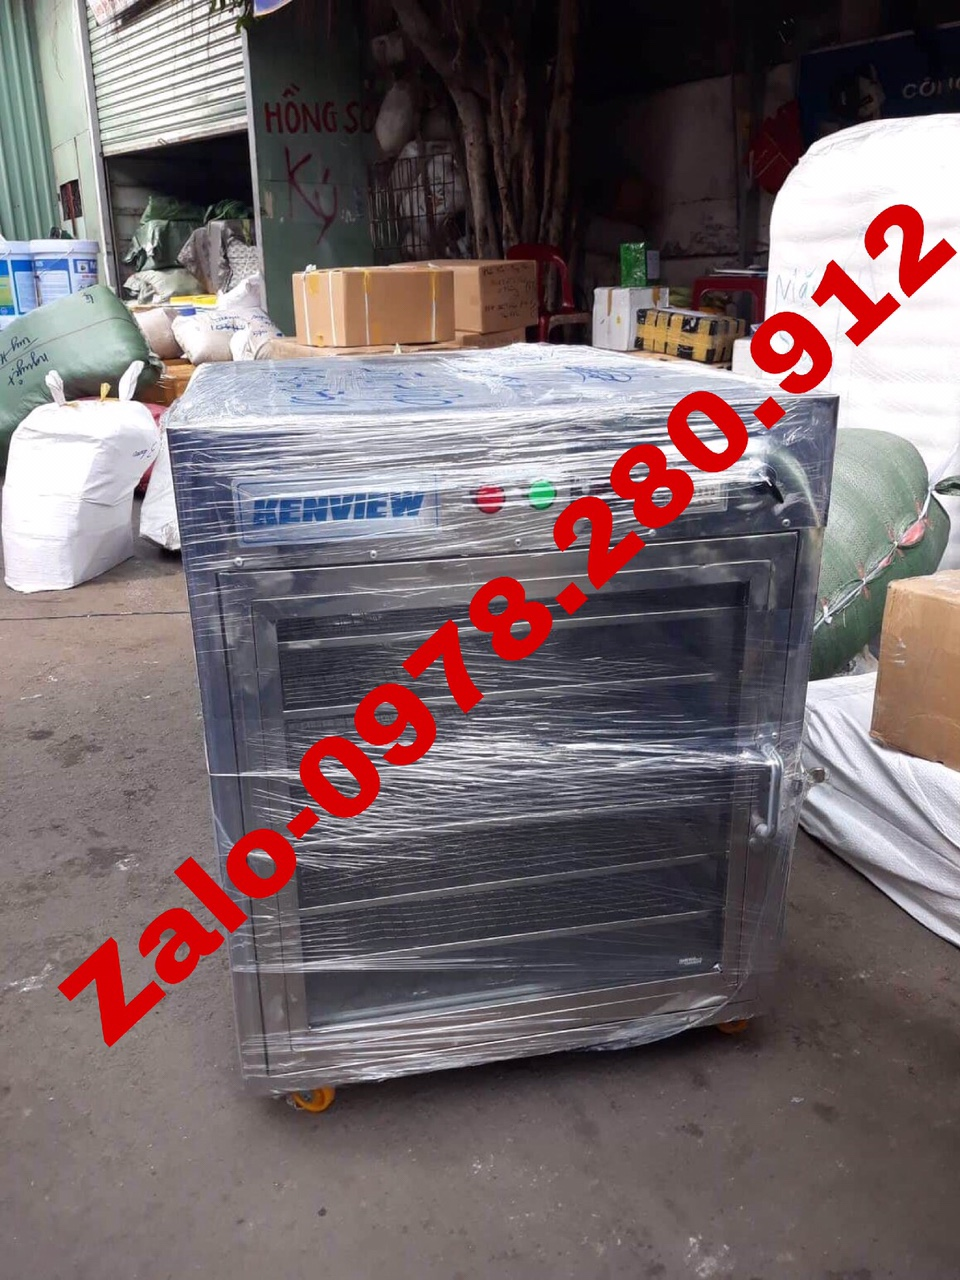 Cung cấp máy sấy mứt-máy sấy khô gà tại Dak Lak.0978280912